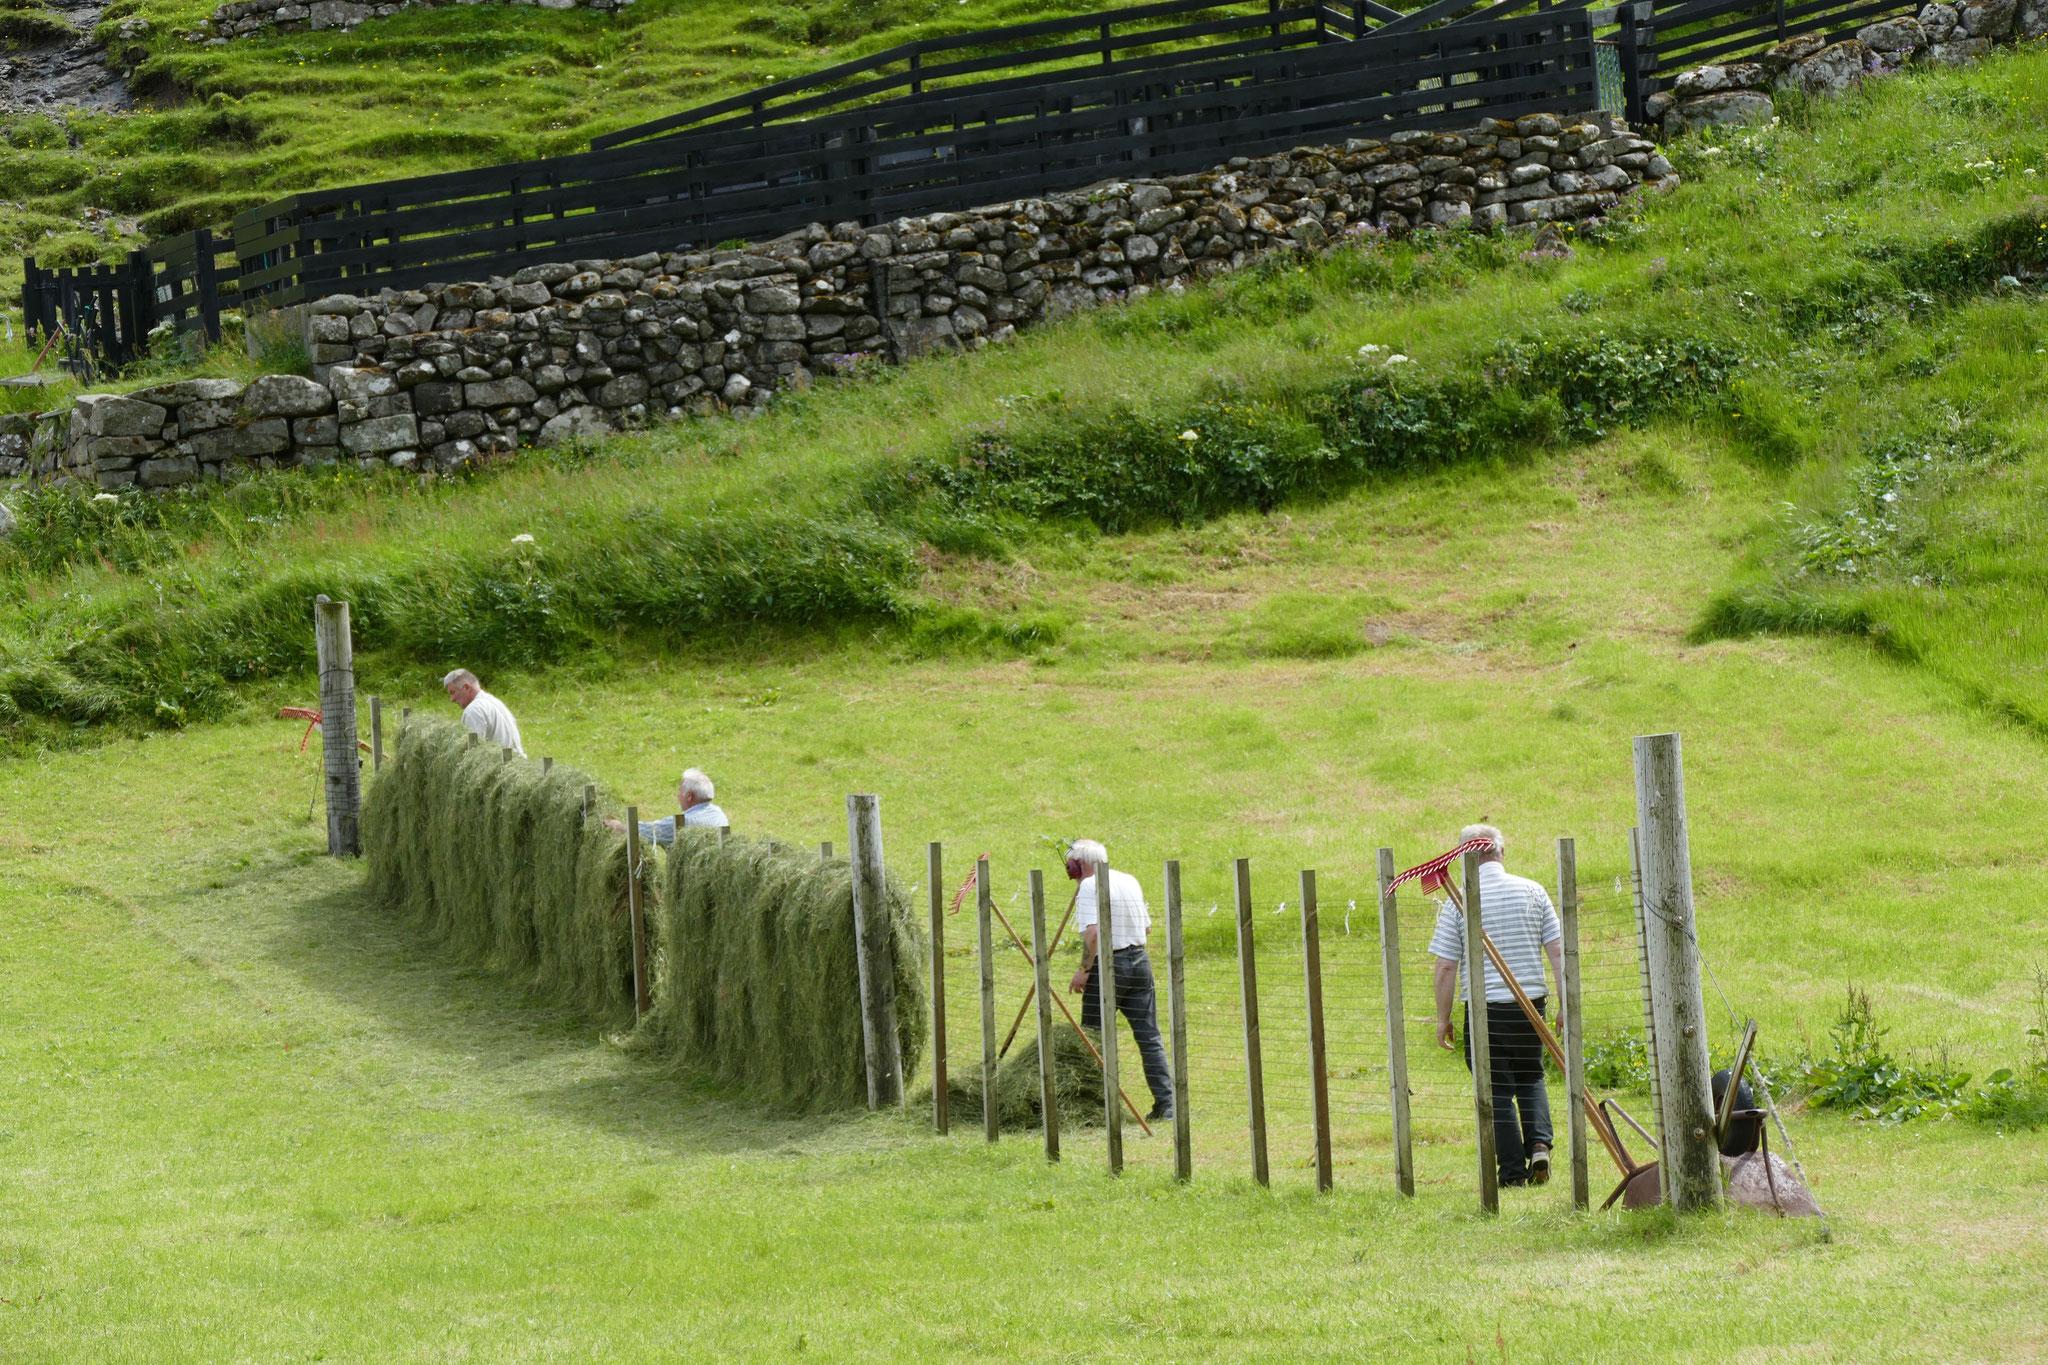 Die Bauern beim Gras trocknen. Geht auch so.